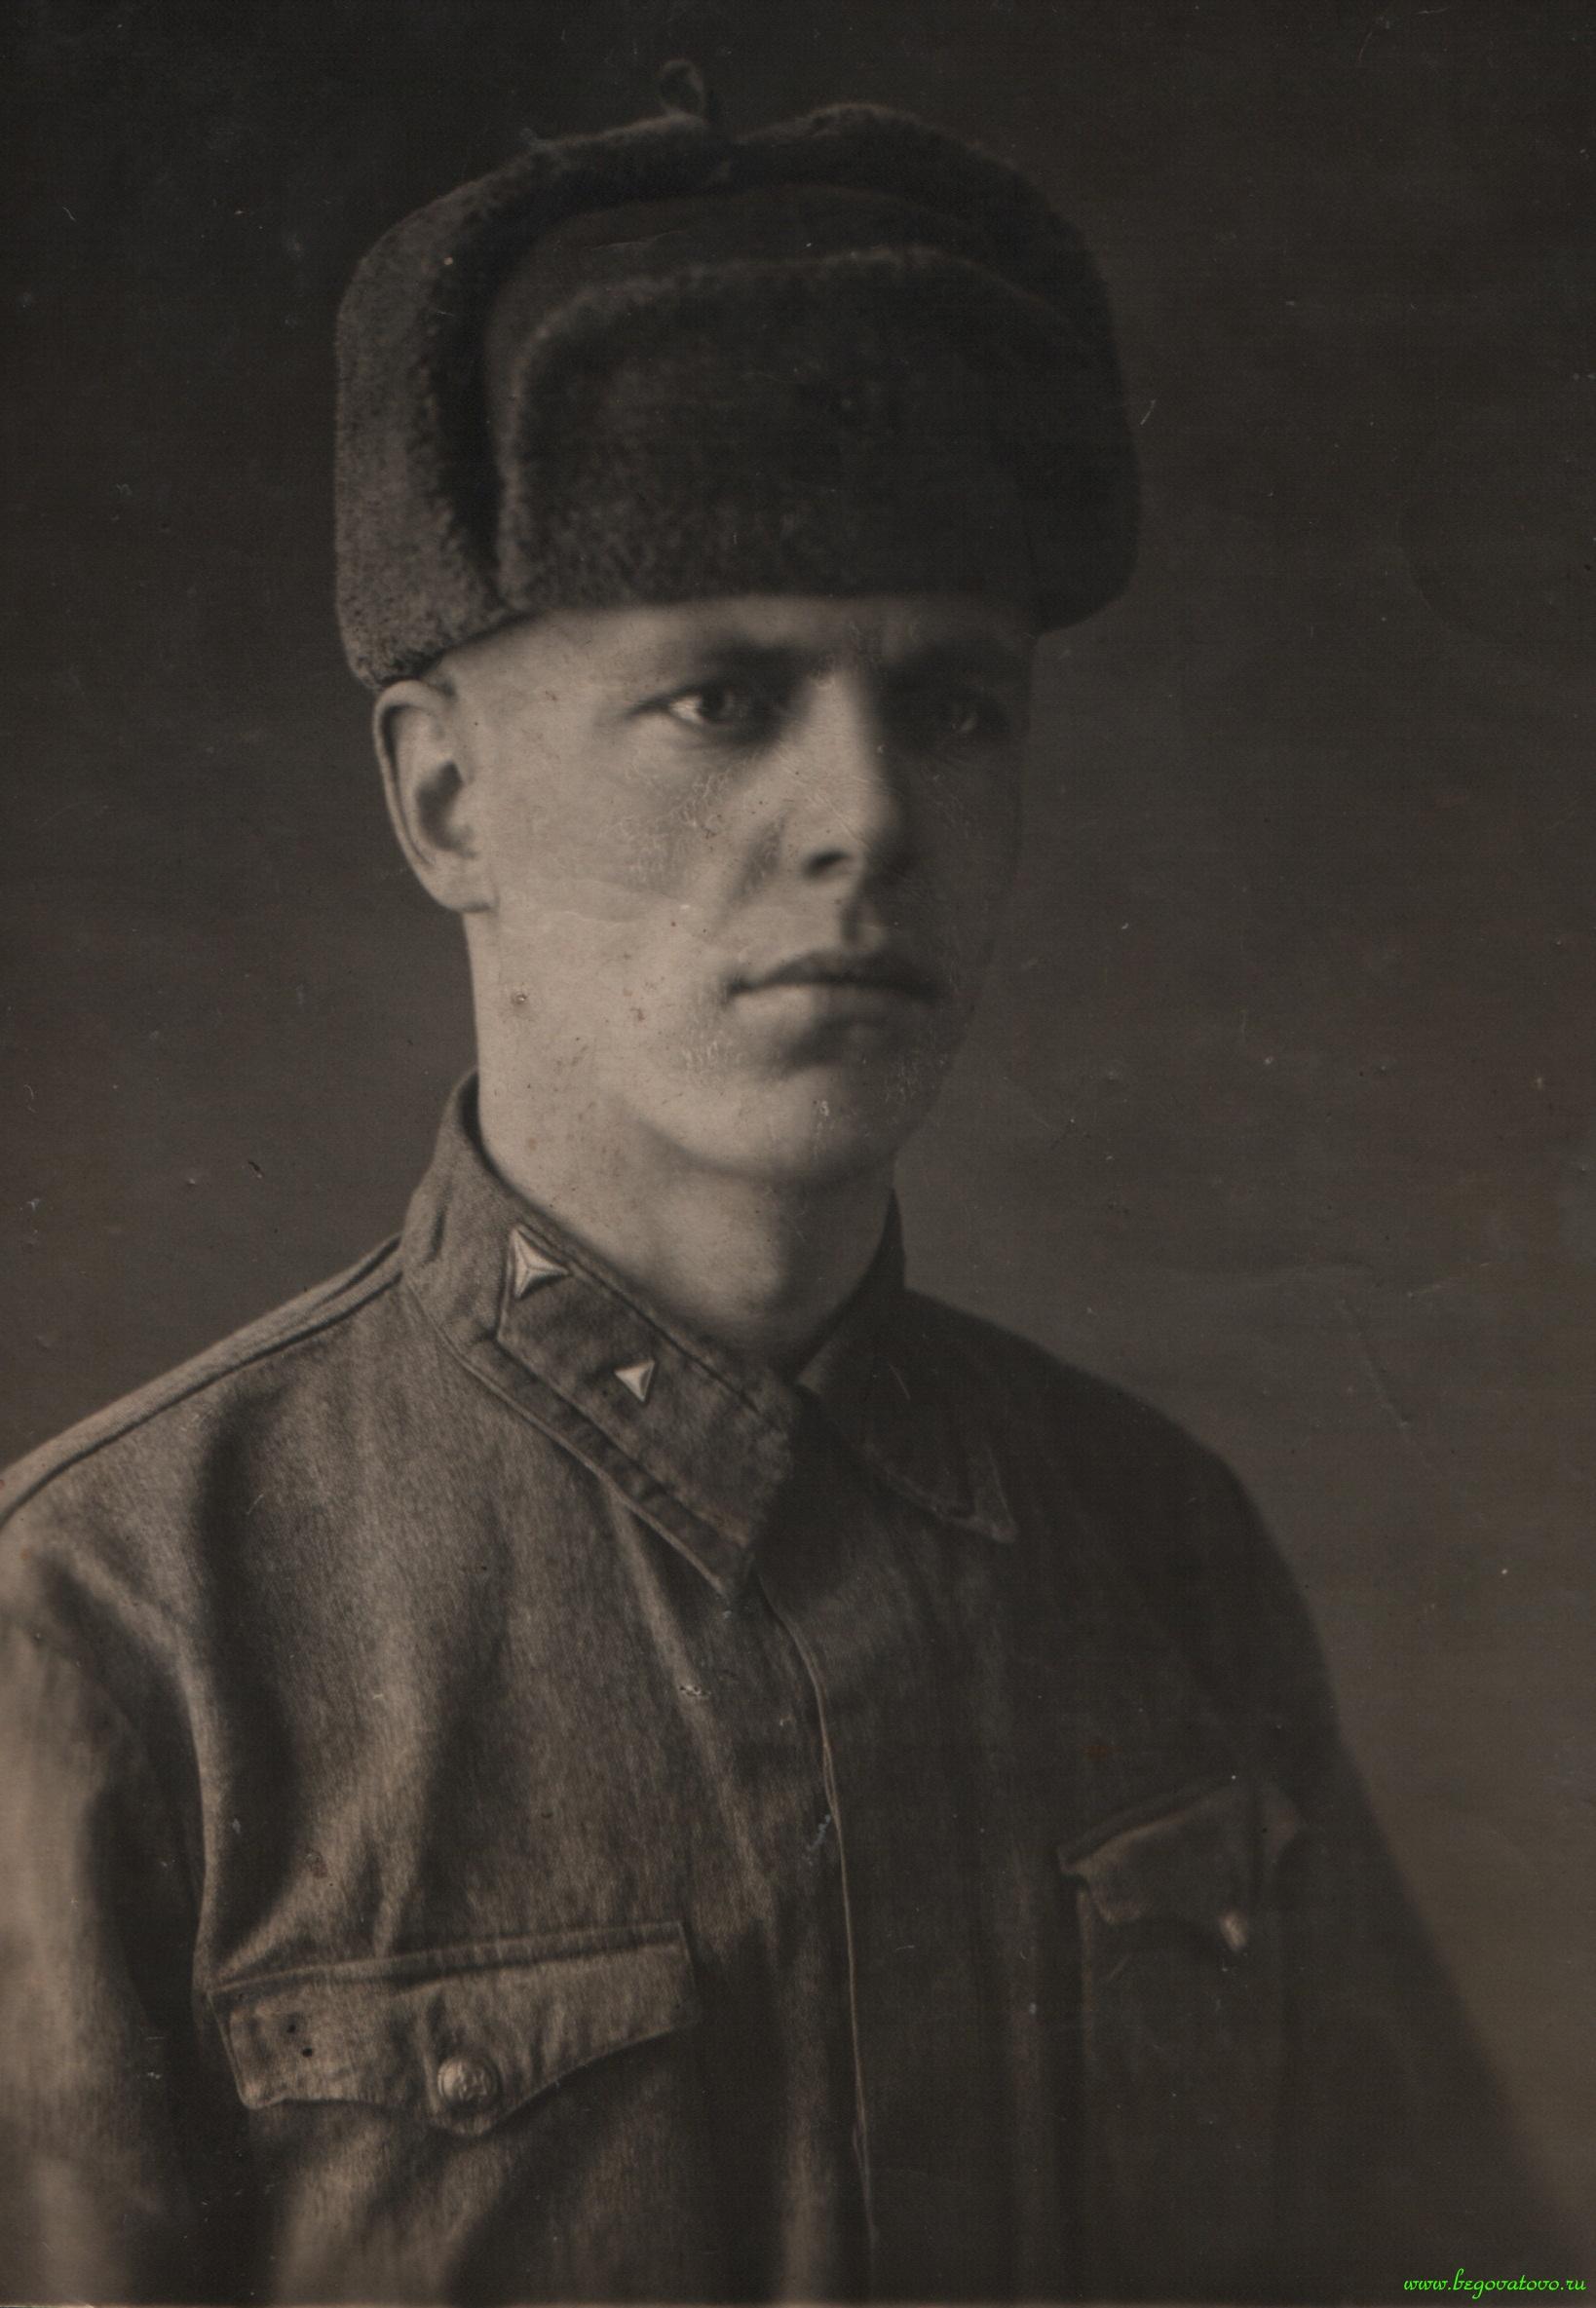 Памятник погибшим в Великой Отечественной войне » Официальный сайт ...